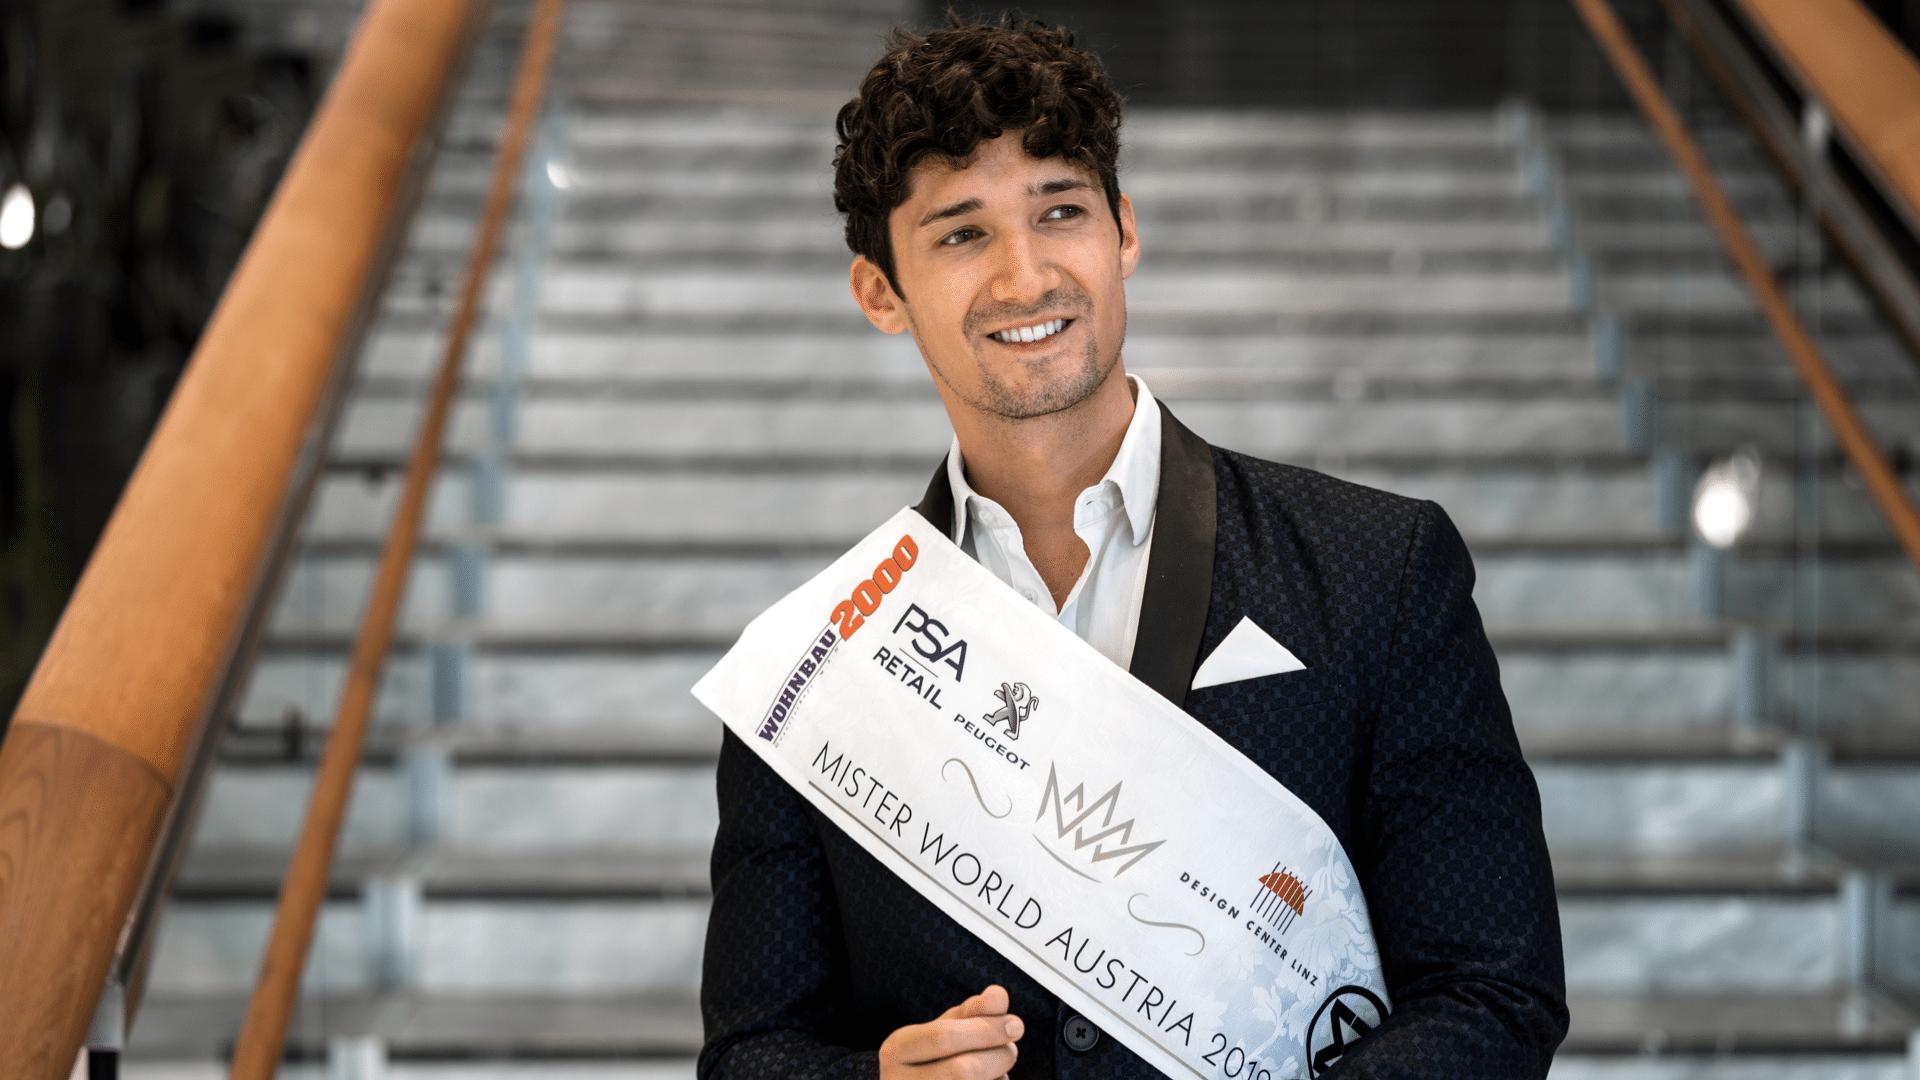 Alberto Nodale ist Mister World Europe Titelbild